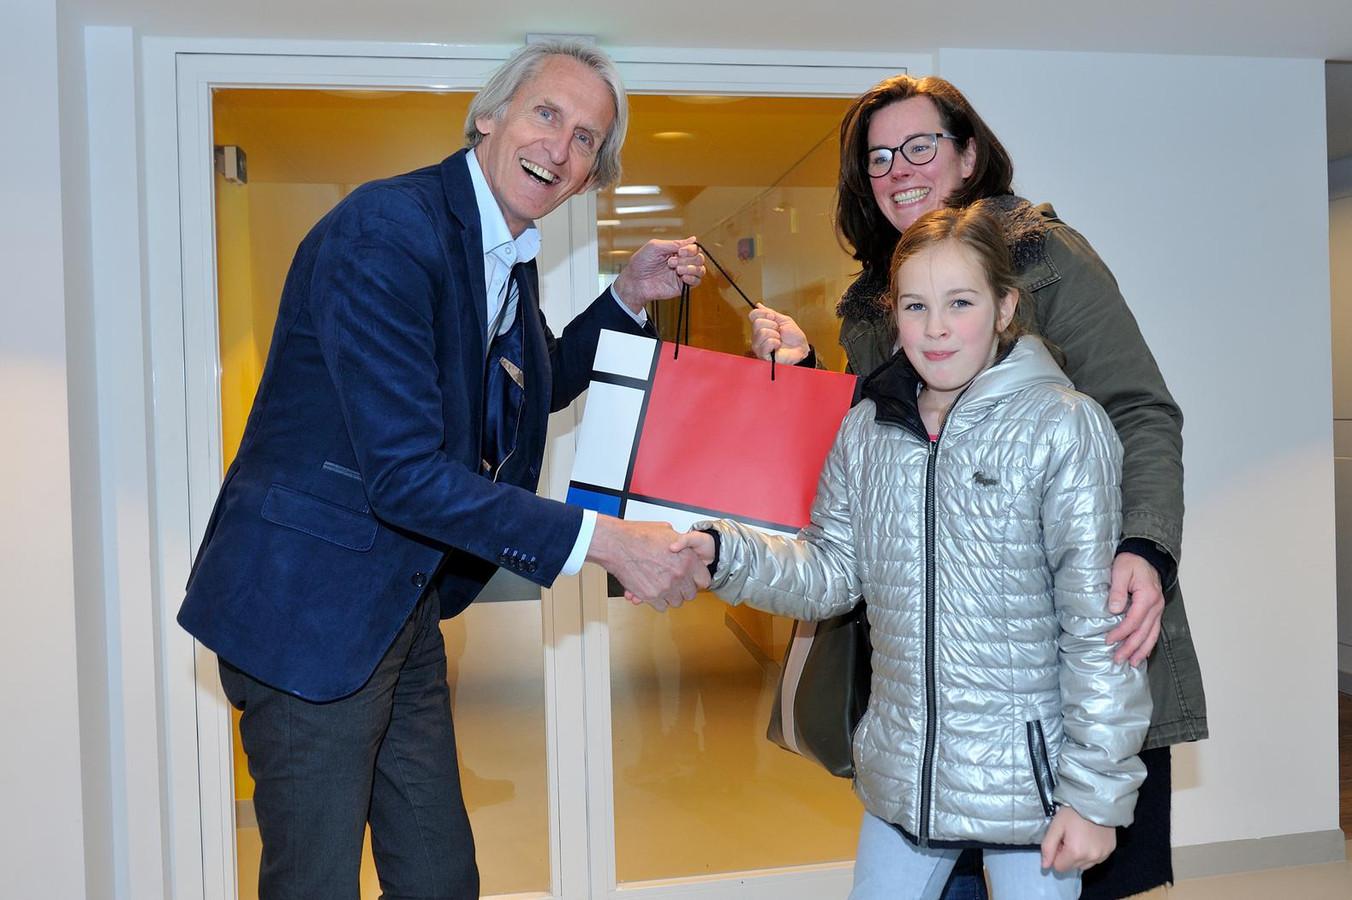 Paul Baltus feliciteert Julie, die samen met haar moeder het museum bezoekt.